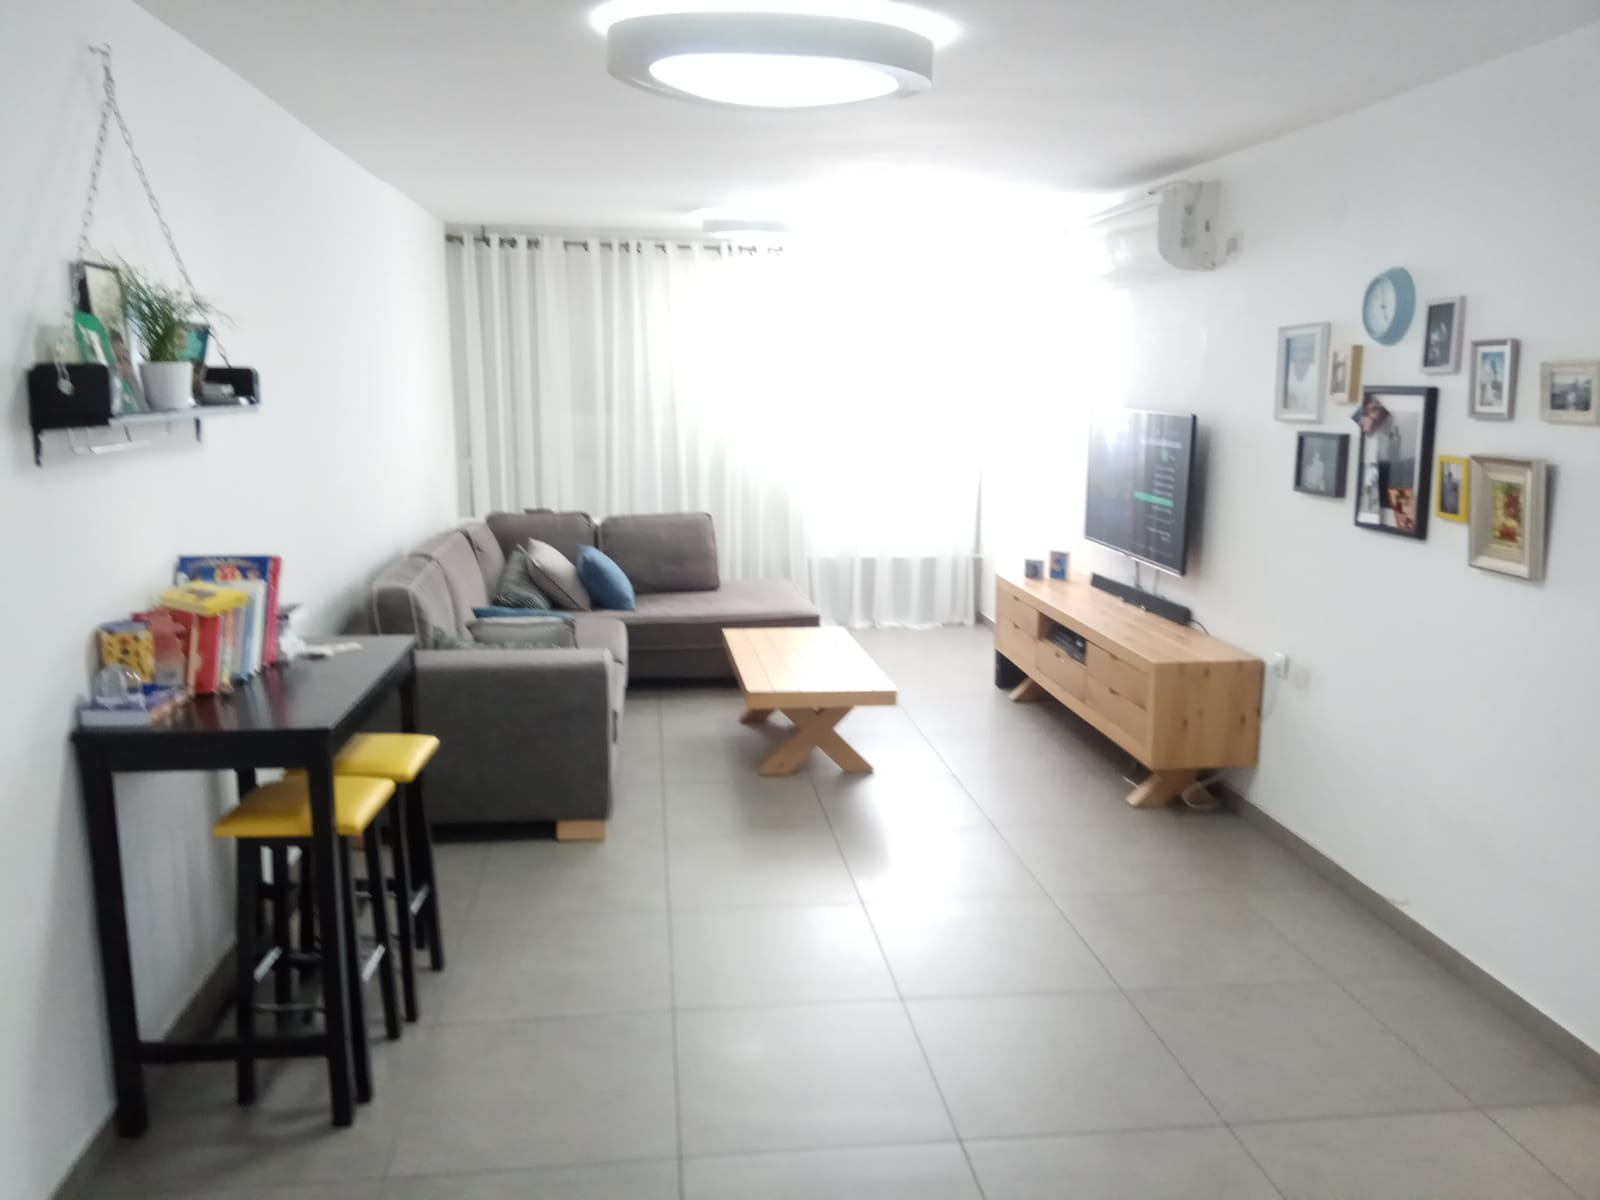 דירה למכירה 3 חדרים 1,700,000₪, בת ים